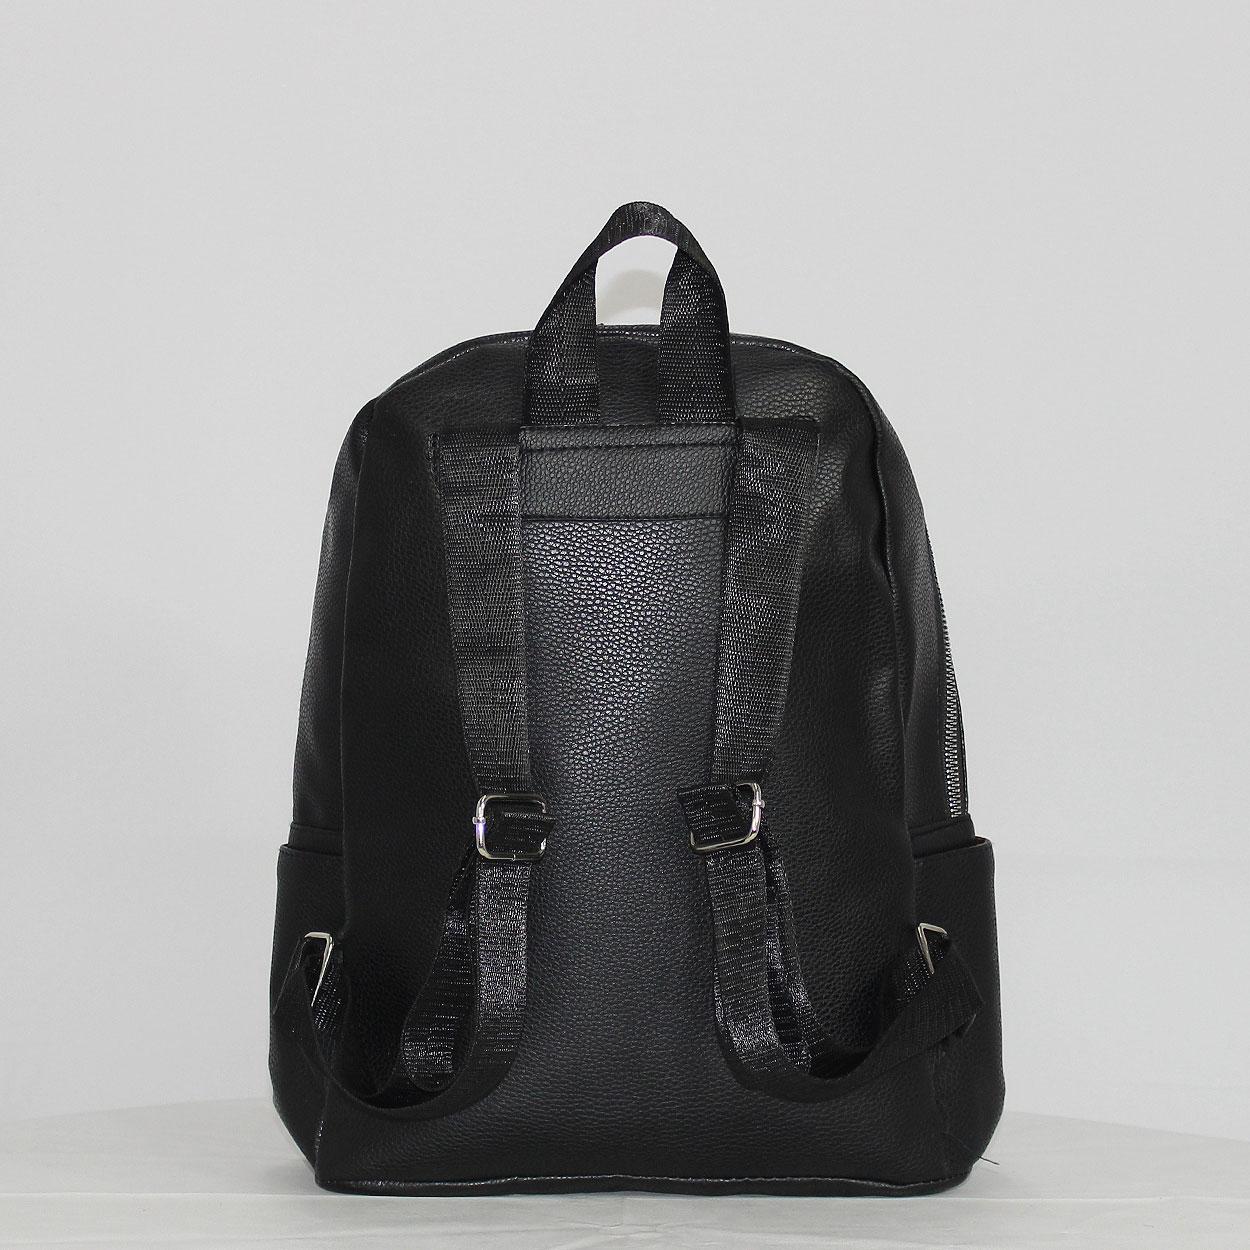 Mochila Gbazar Leather Three